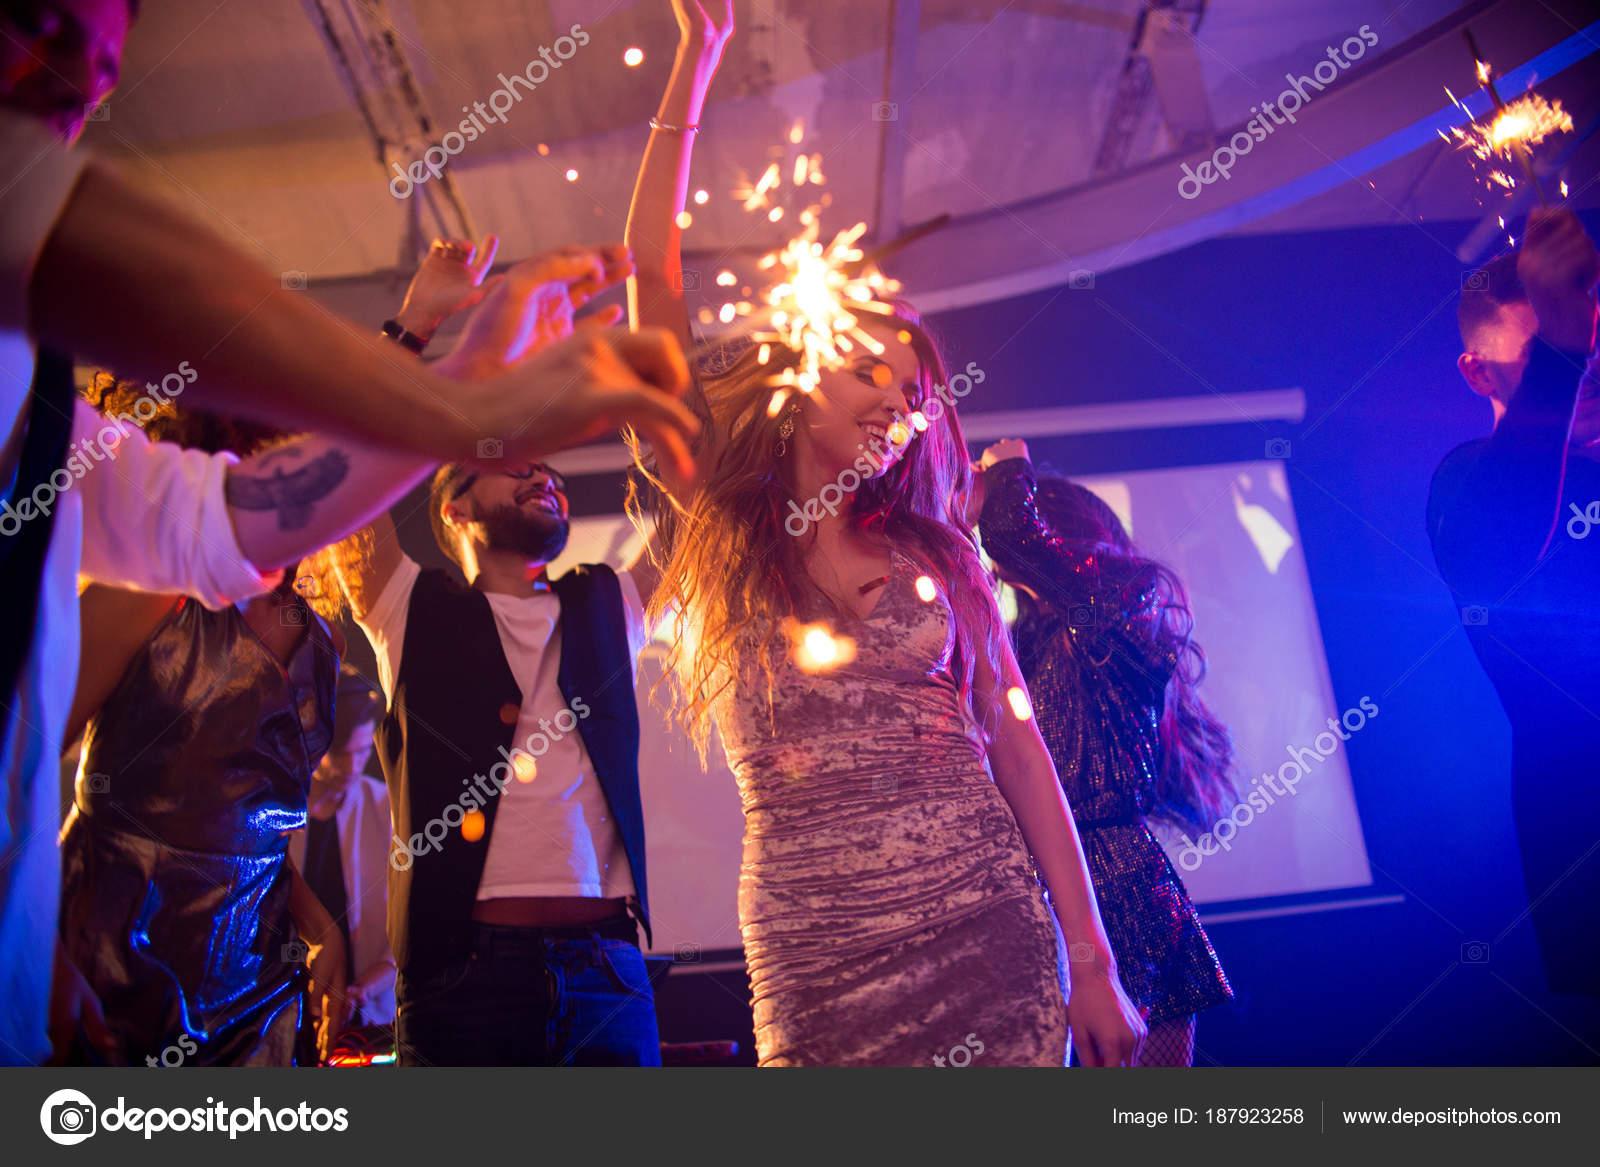 Grupo Moda Gente Joven Celebrando Día Fiesta Discoteca Quemar ...